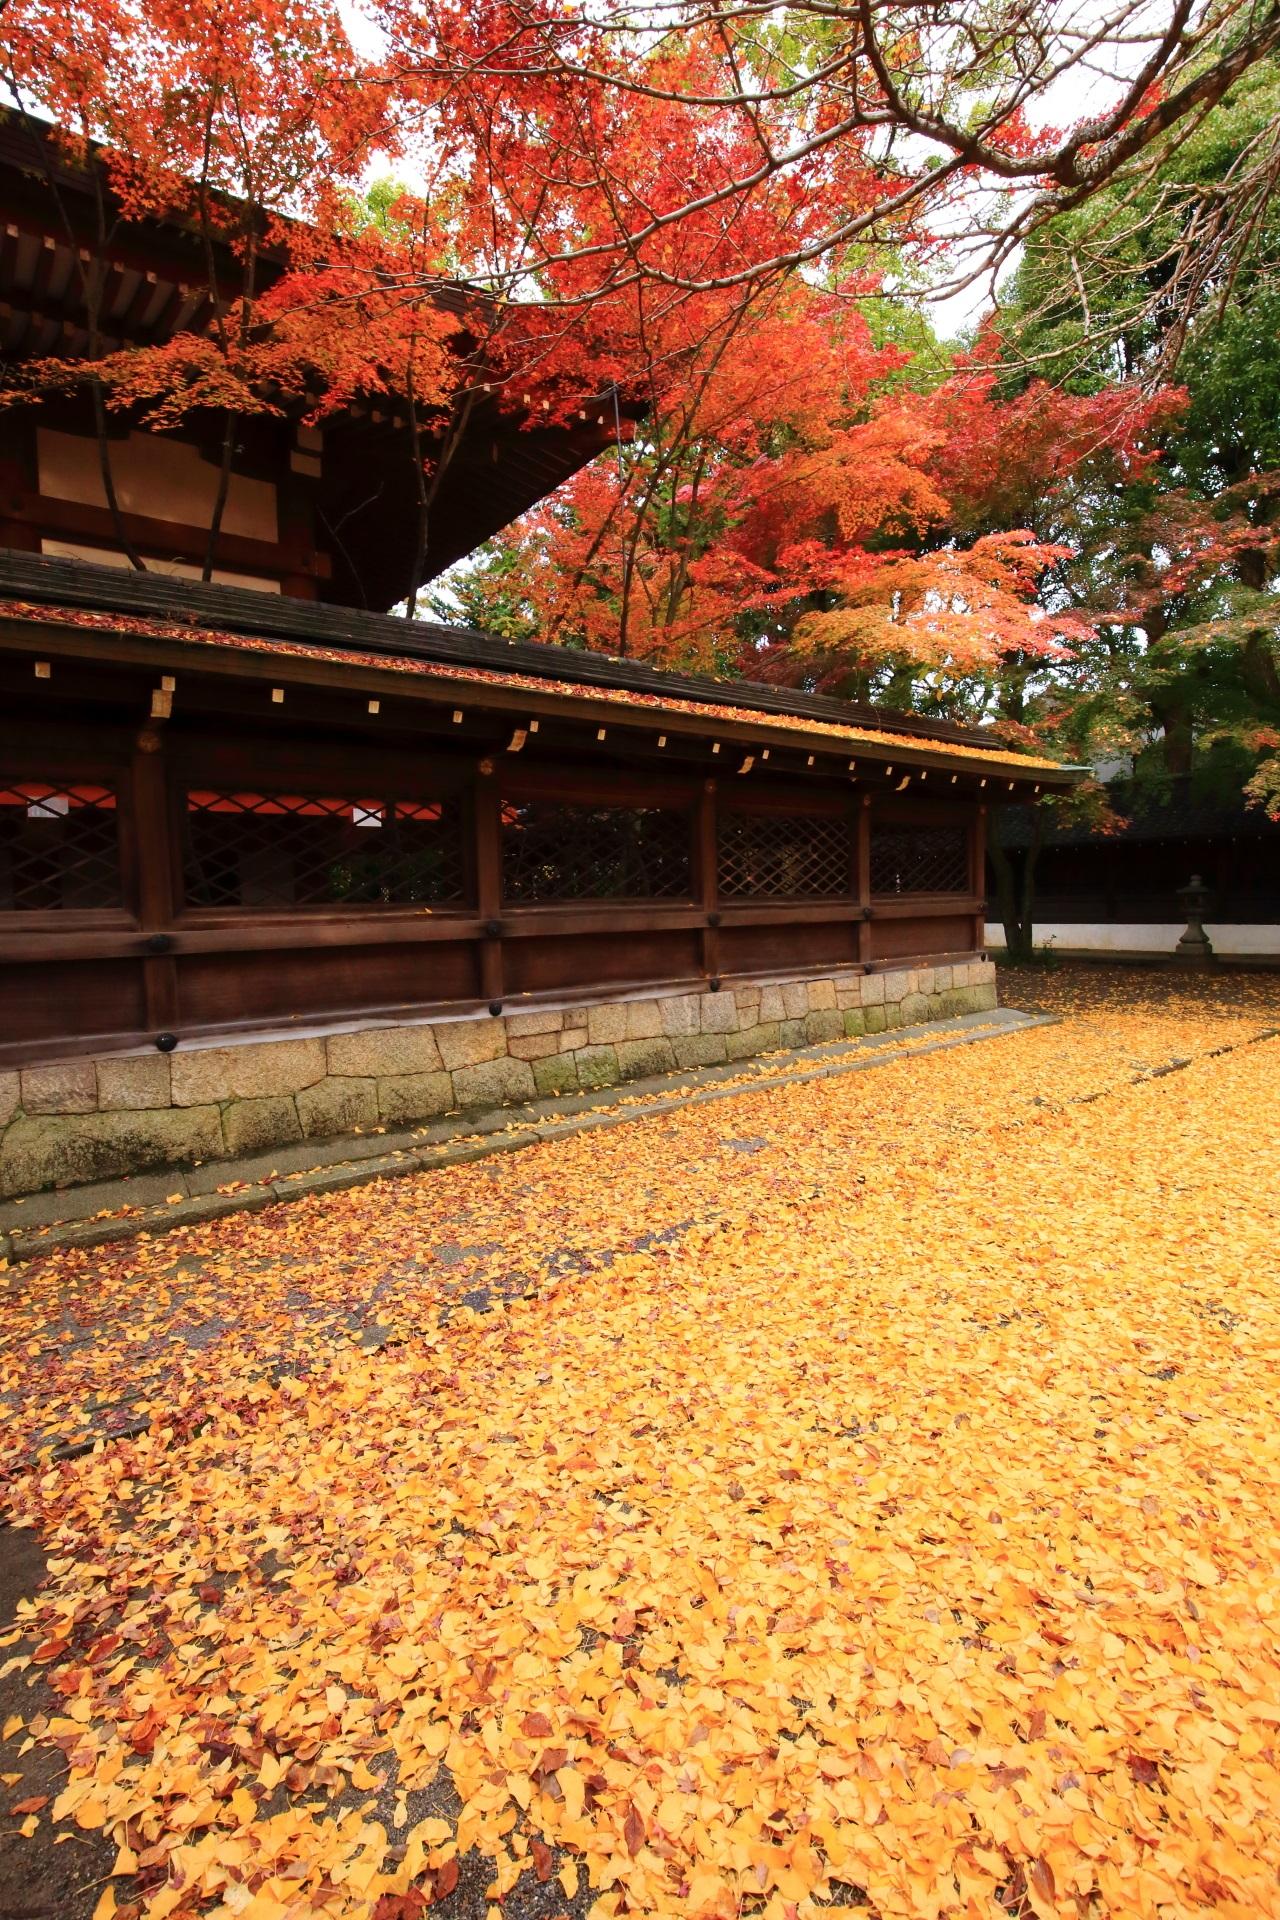 上御霊神社の散り銀杏と紅葉の黄色と赤の見事なコントラスト